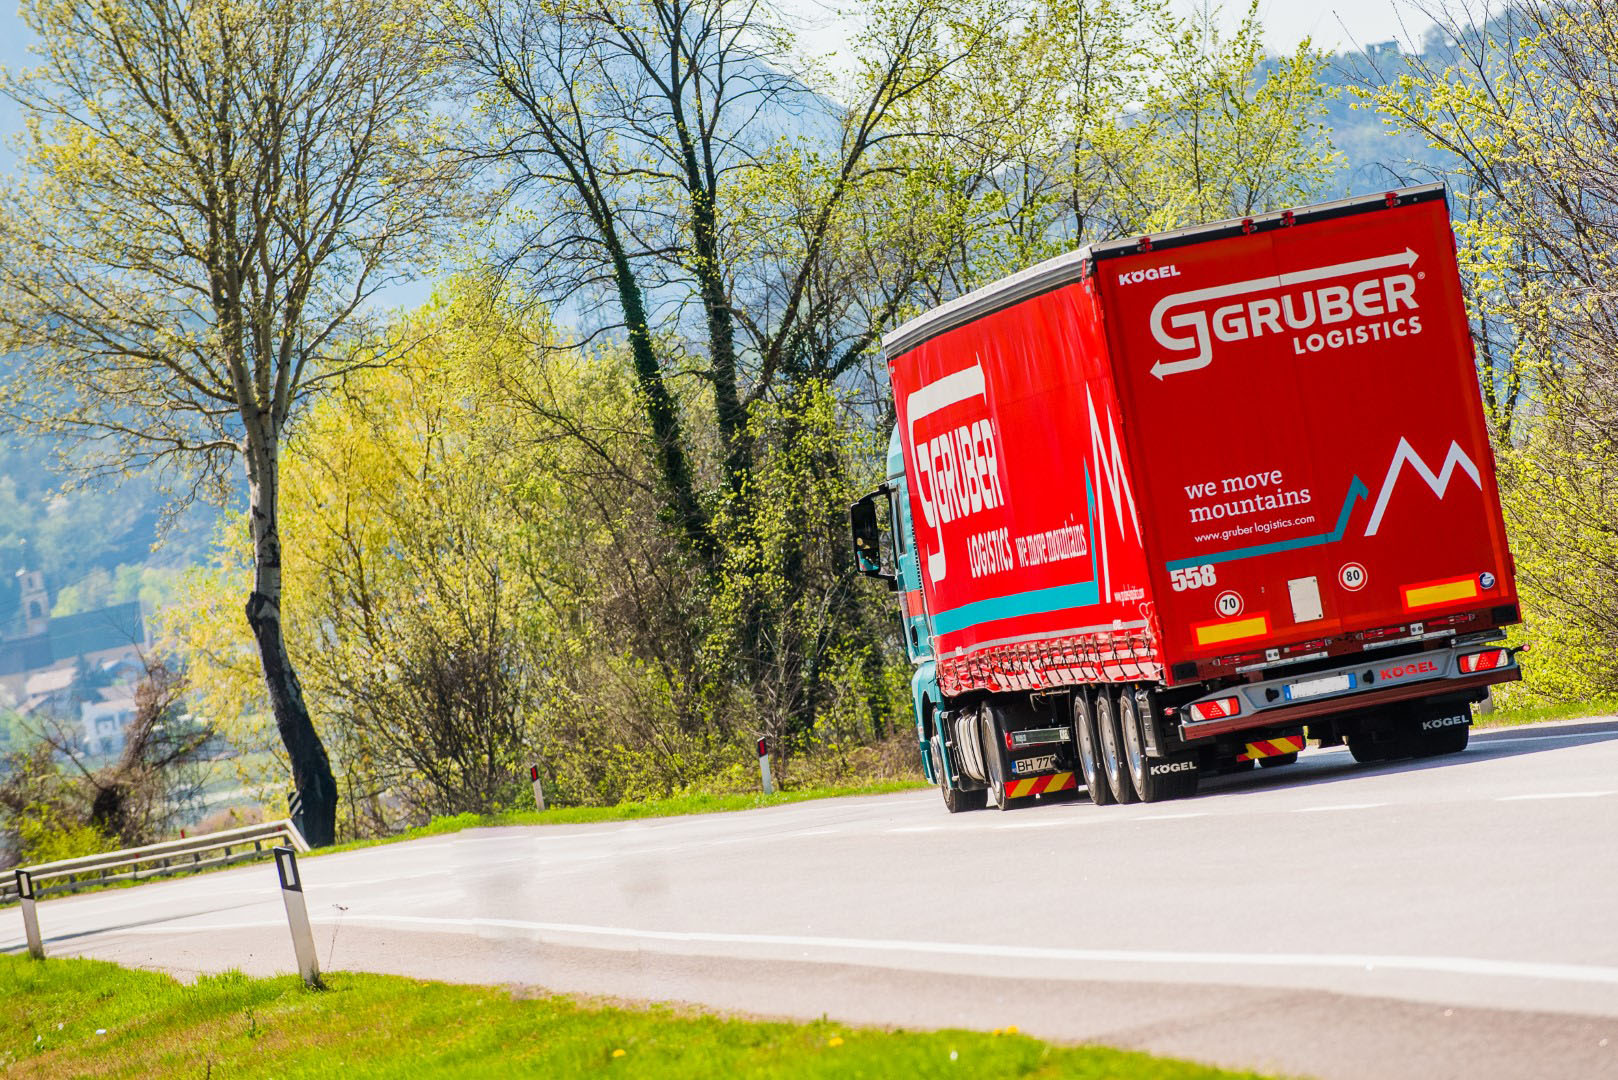 GRUBER Logistics potenzia i servizi di groupage e di trasporto a carico parziale